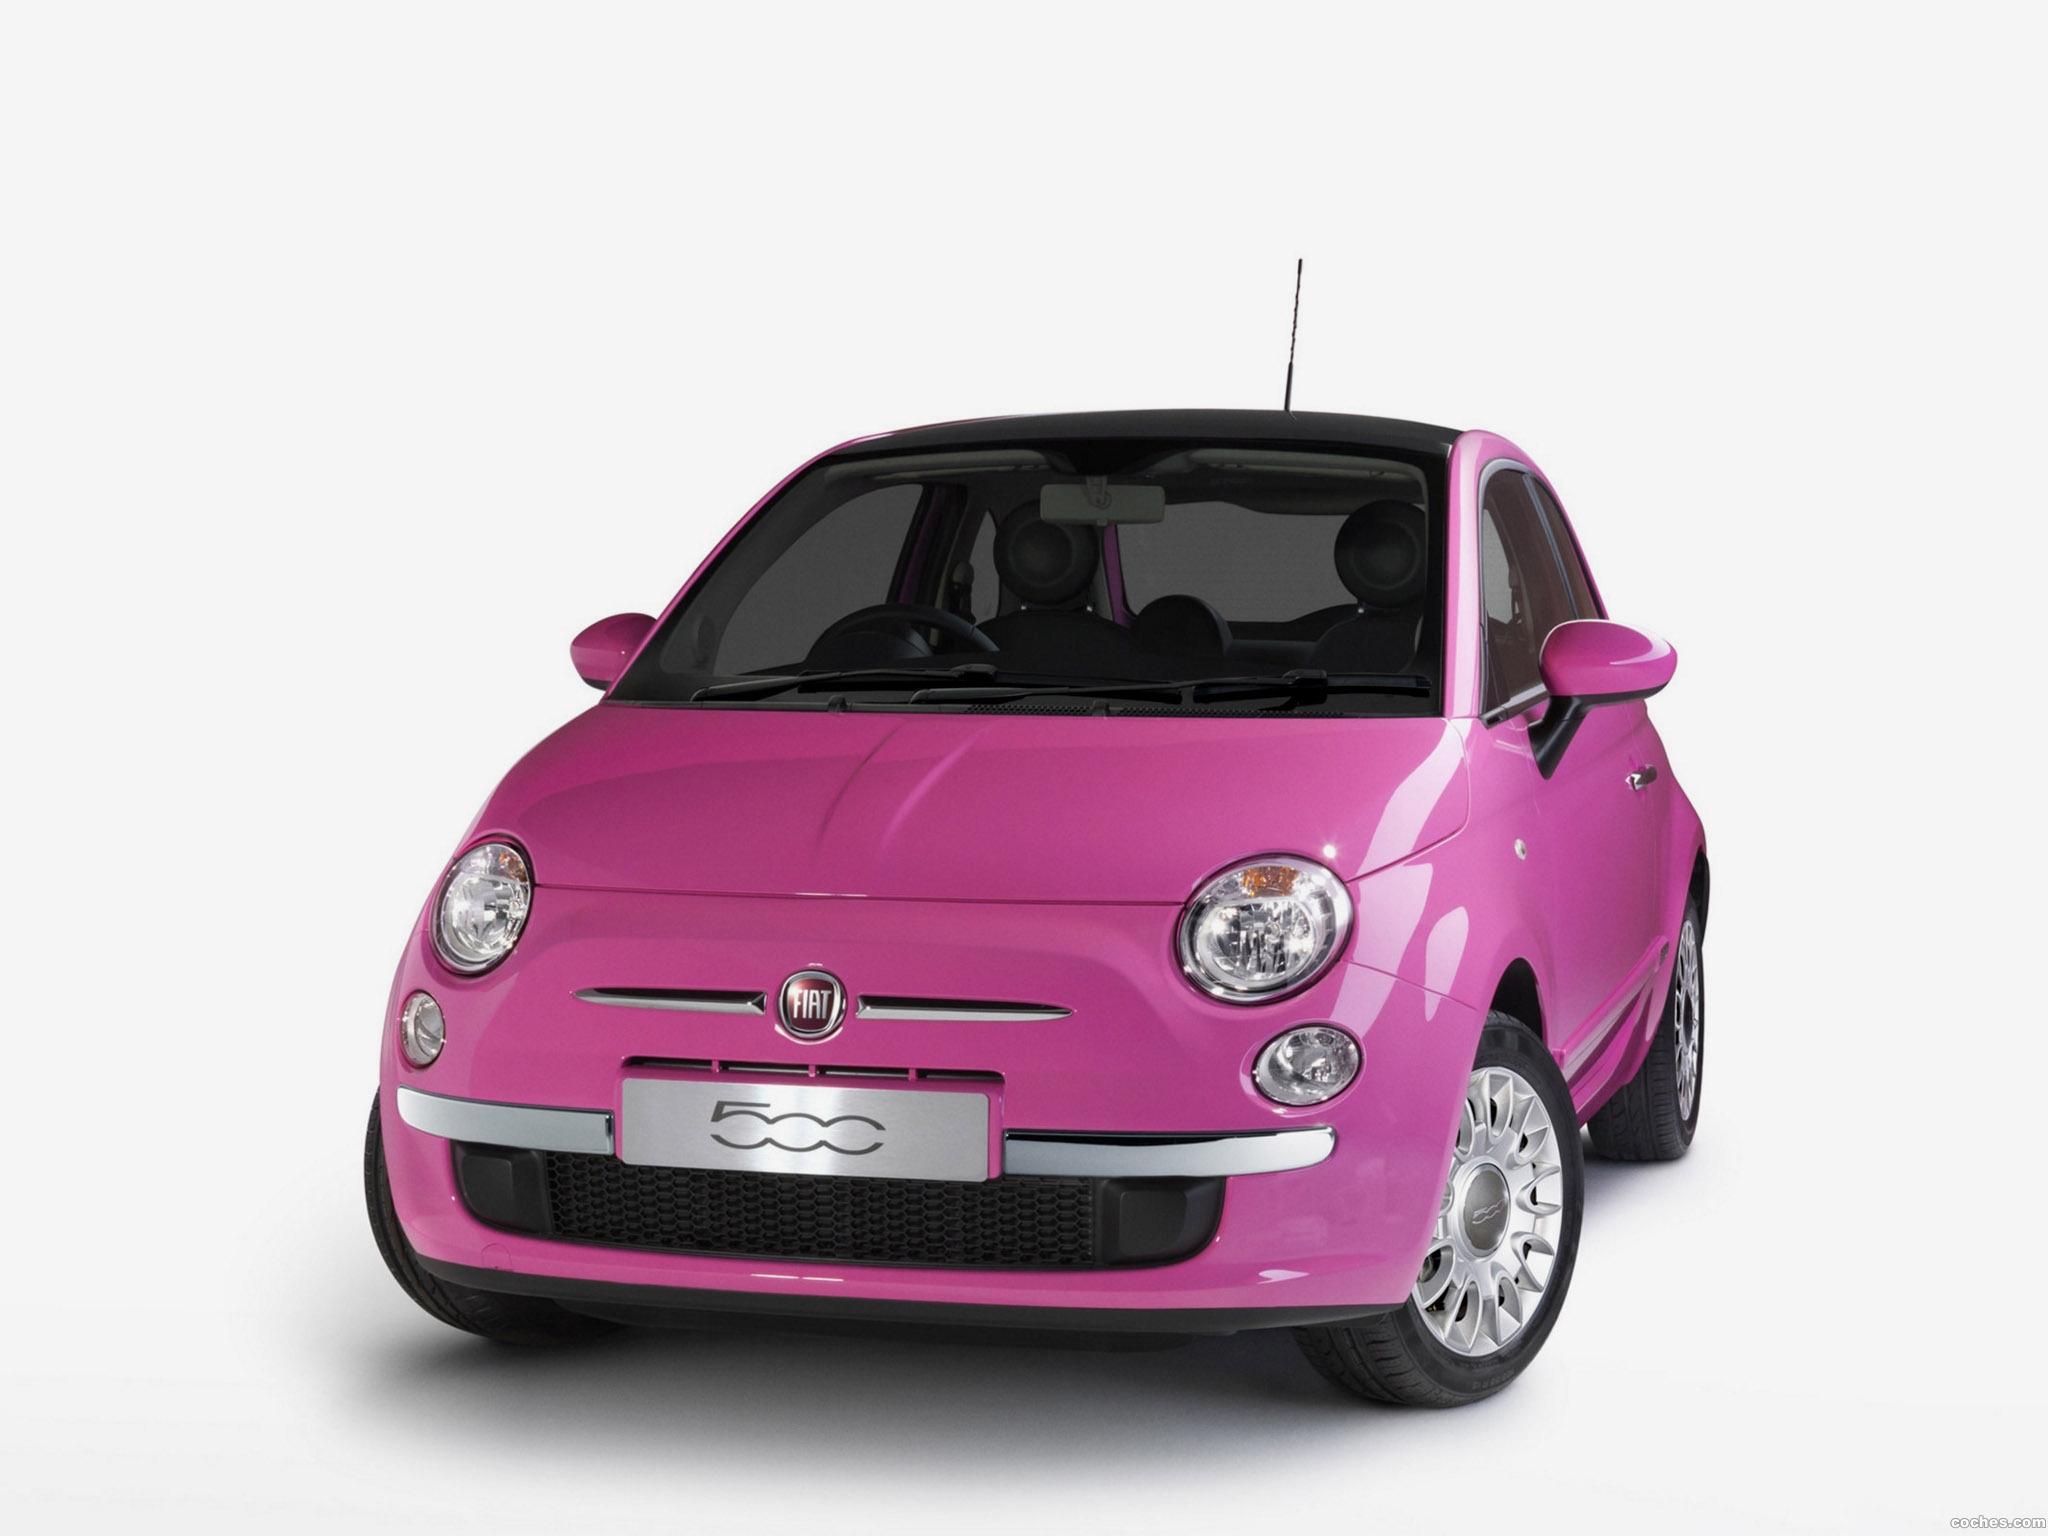 Foto 0 de Fiat 500 Pink Limited Edition 2010